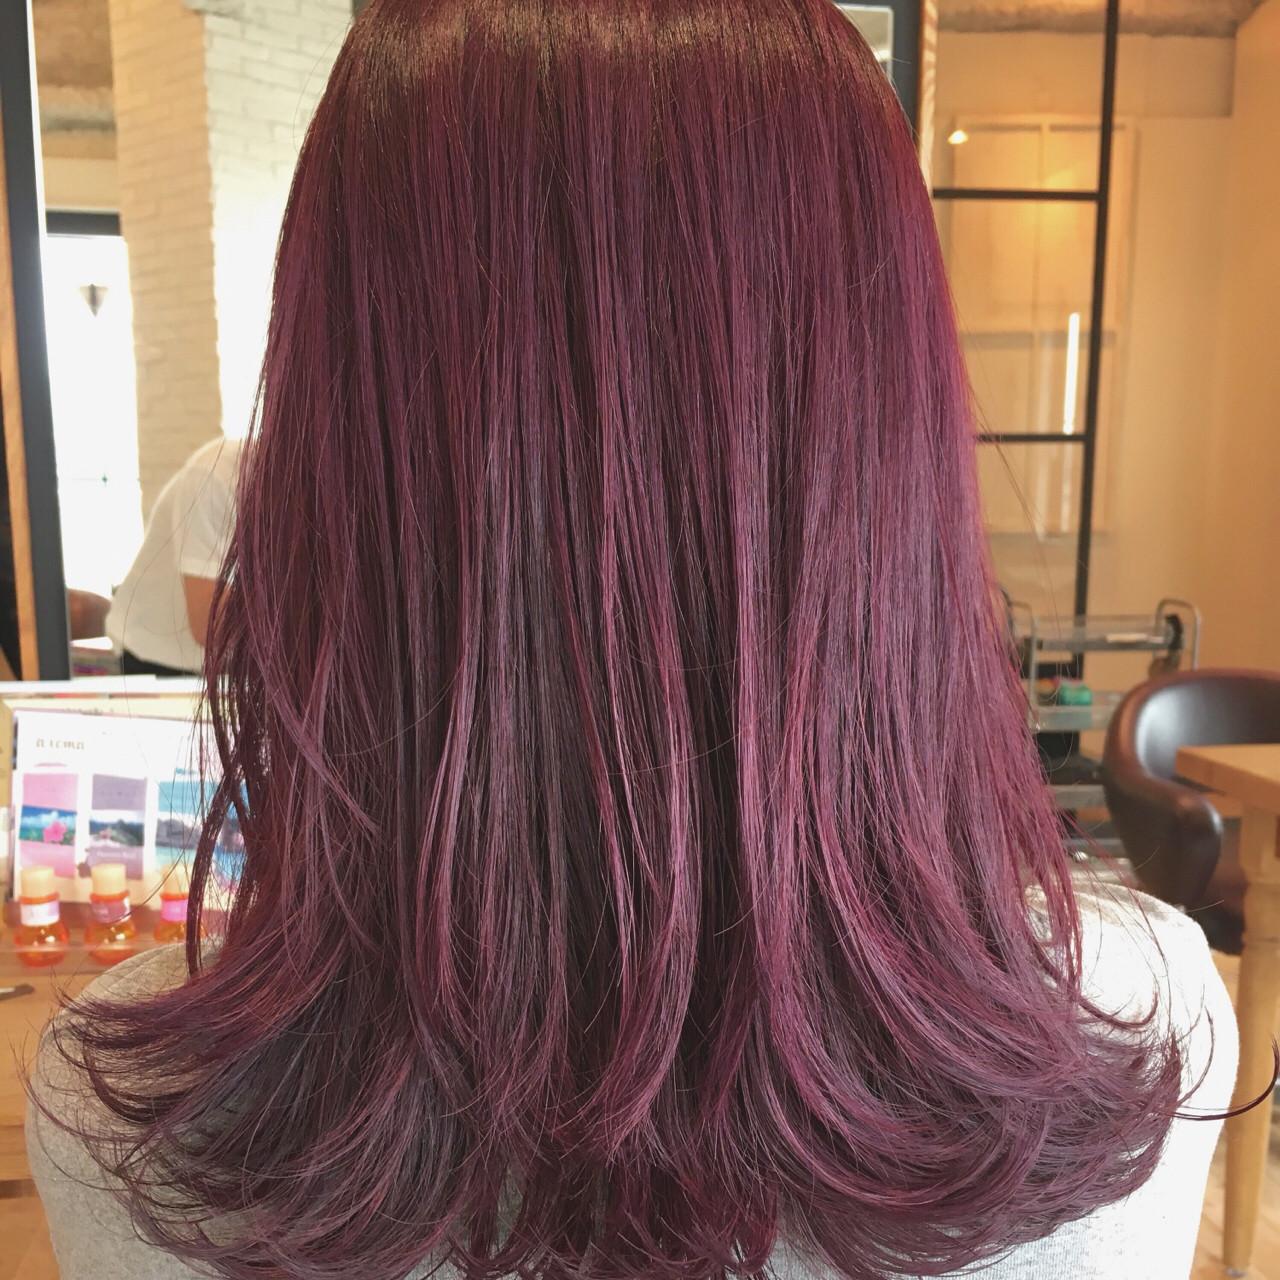 ミディアム ガーリー ハイライト イルミナカラー ヘアスタイルや髪型の写真・画像 | 須賀 ユウスケ / Rizm